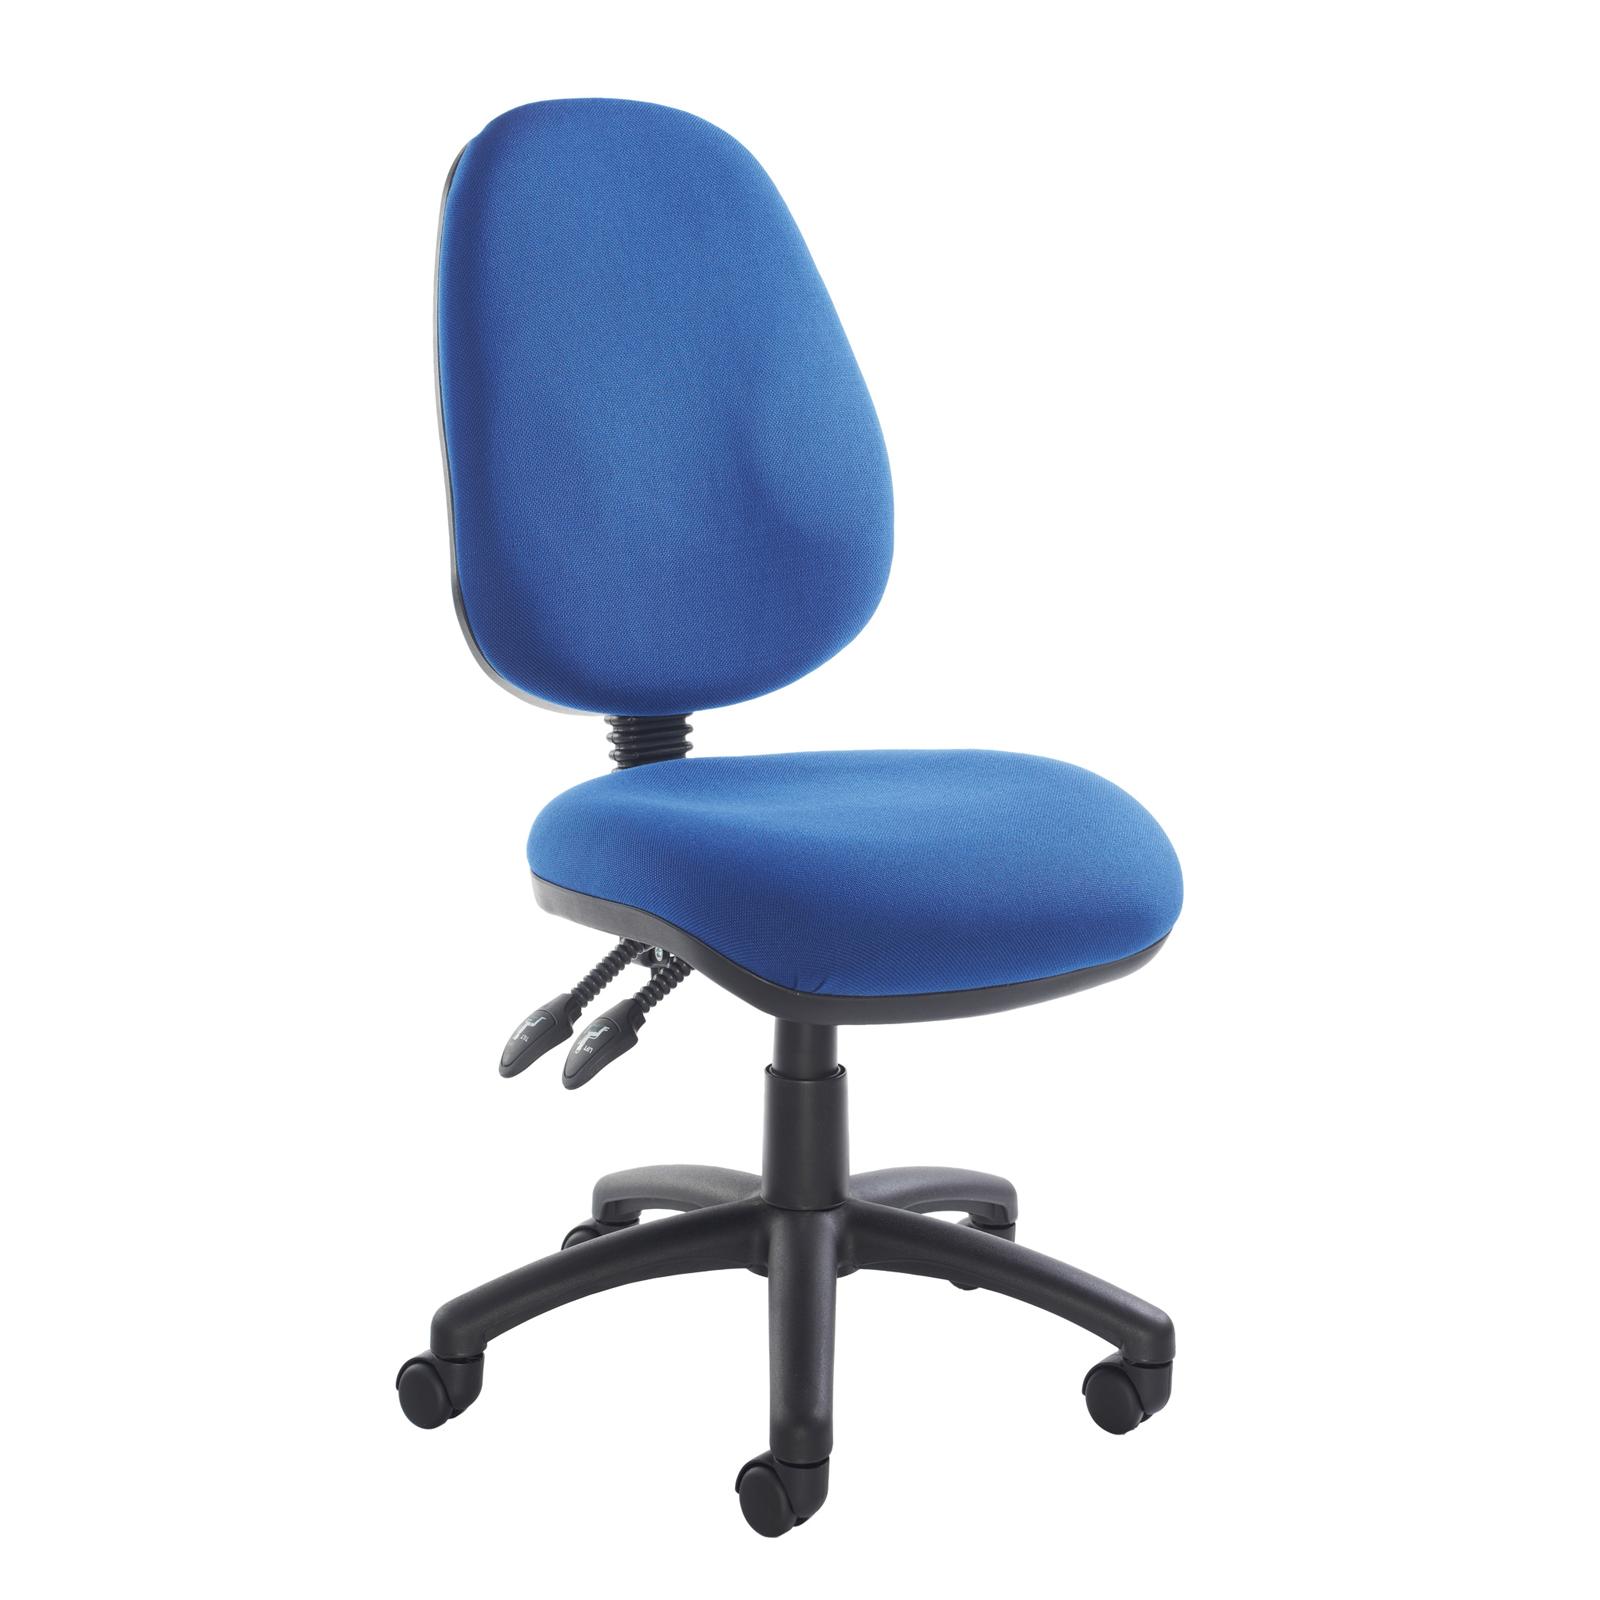 Desks Vantage 100 2 lever PCB operators chair